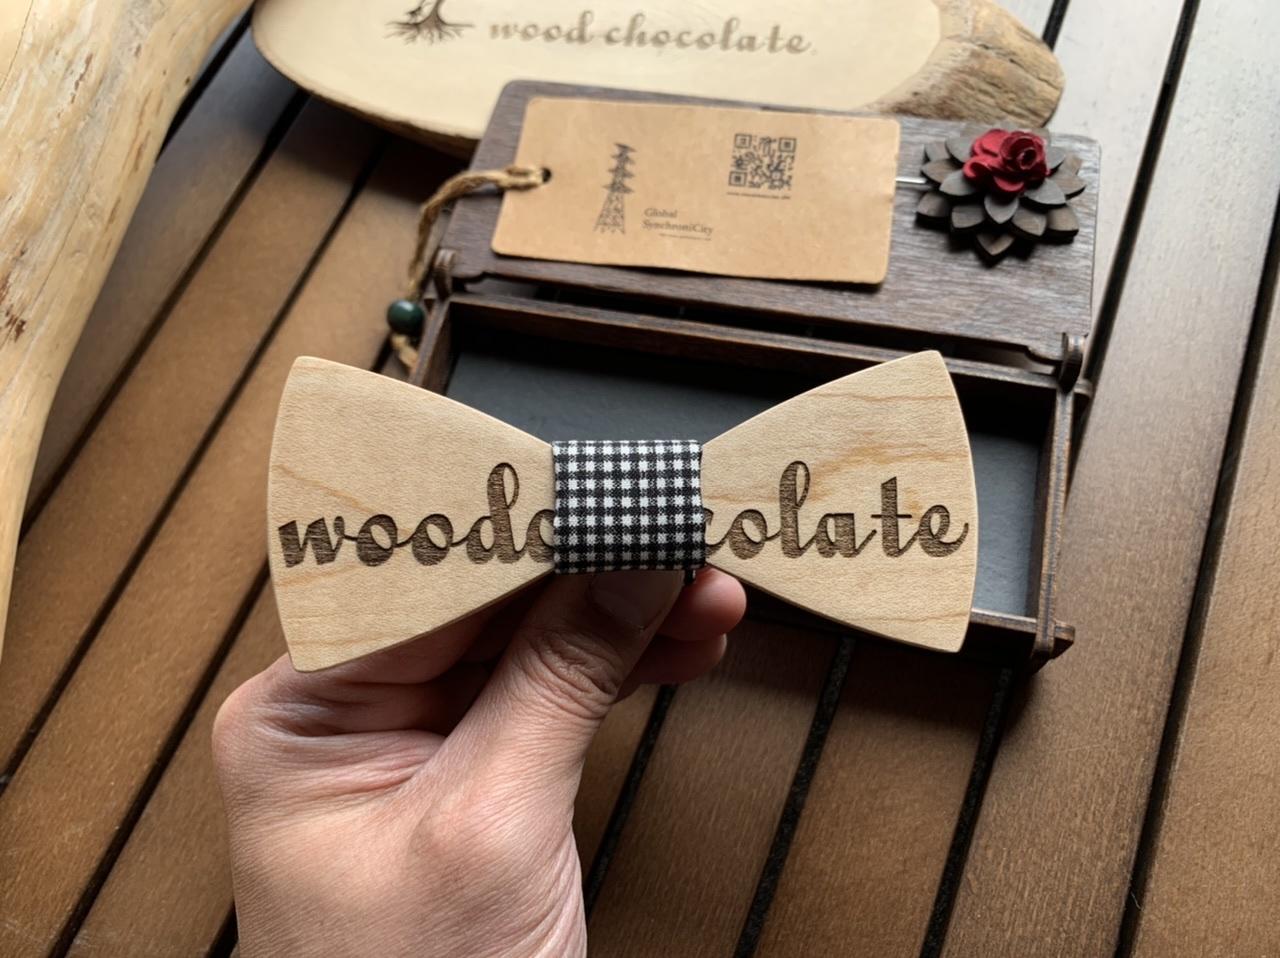 木製 蝶ネクタイ #woodchocolate - 画像2